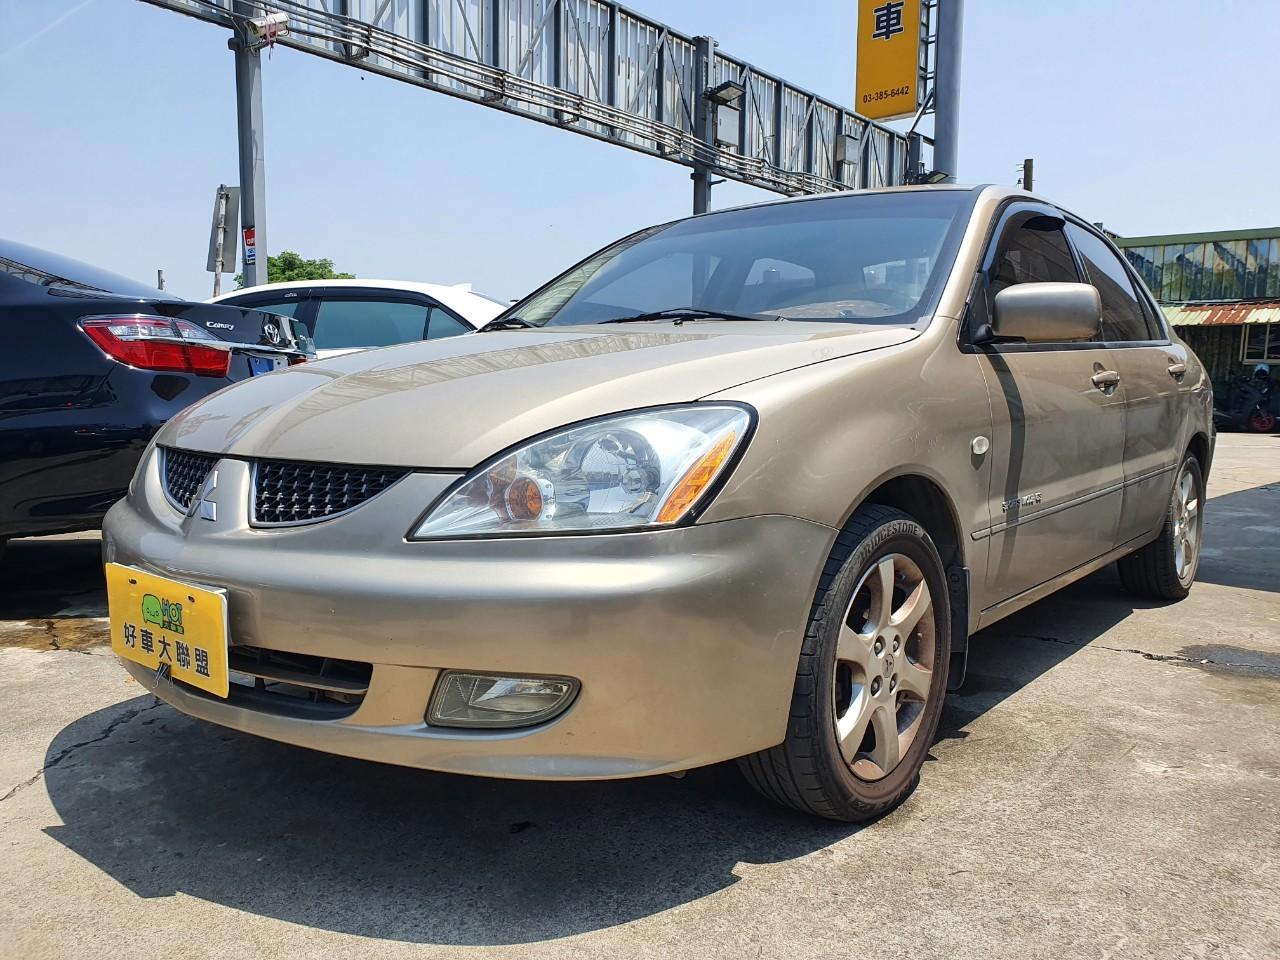 2004 Mitsubishi 三菱 Lancer